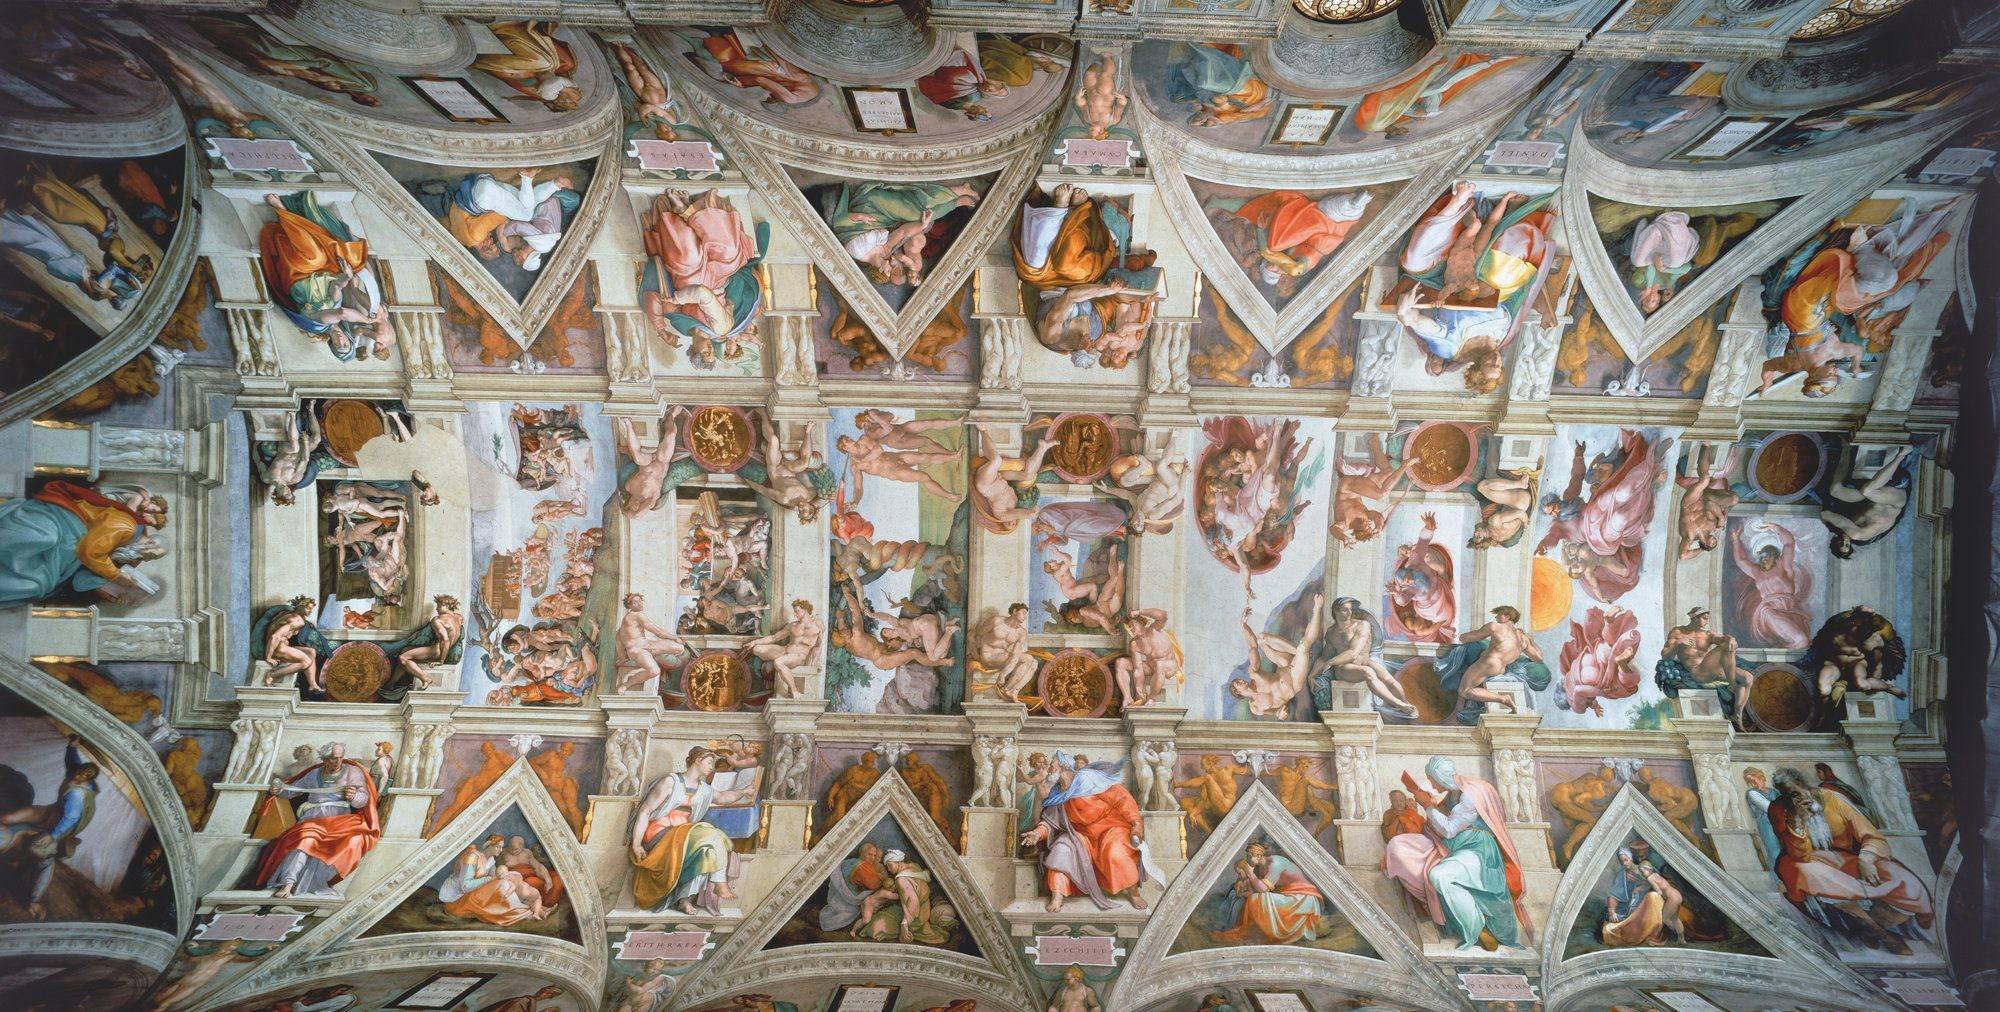 Le plafond de la chapelle Sixtine